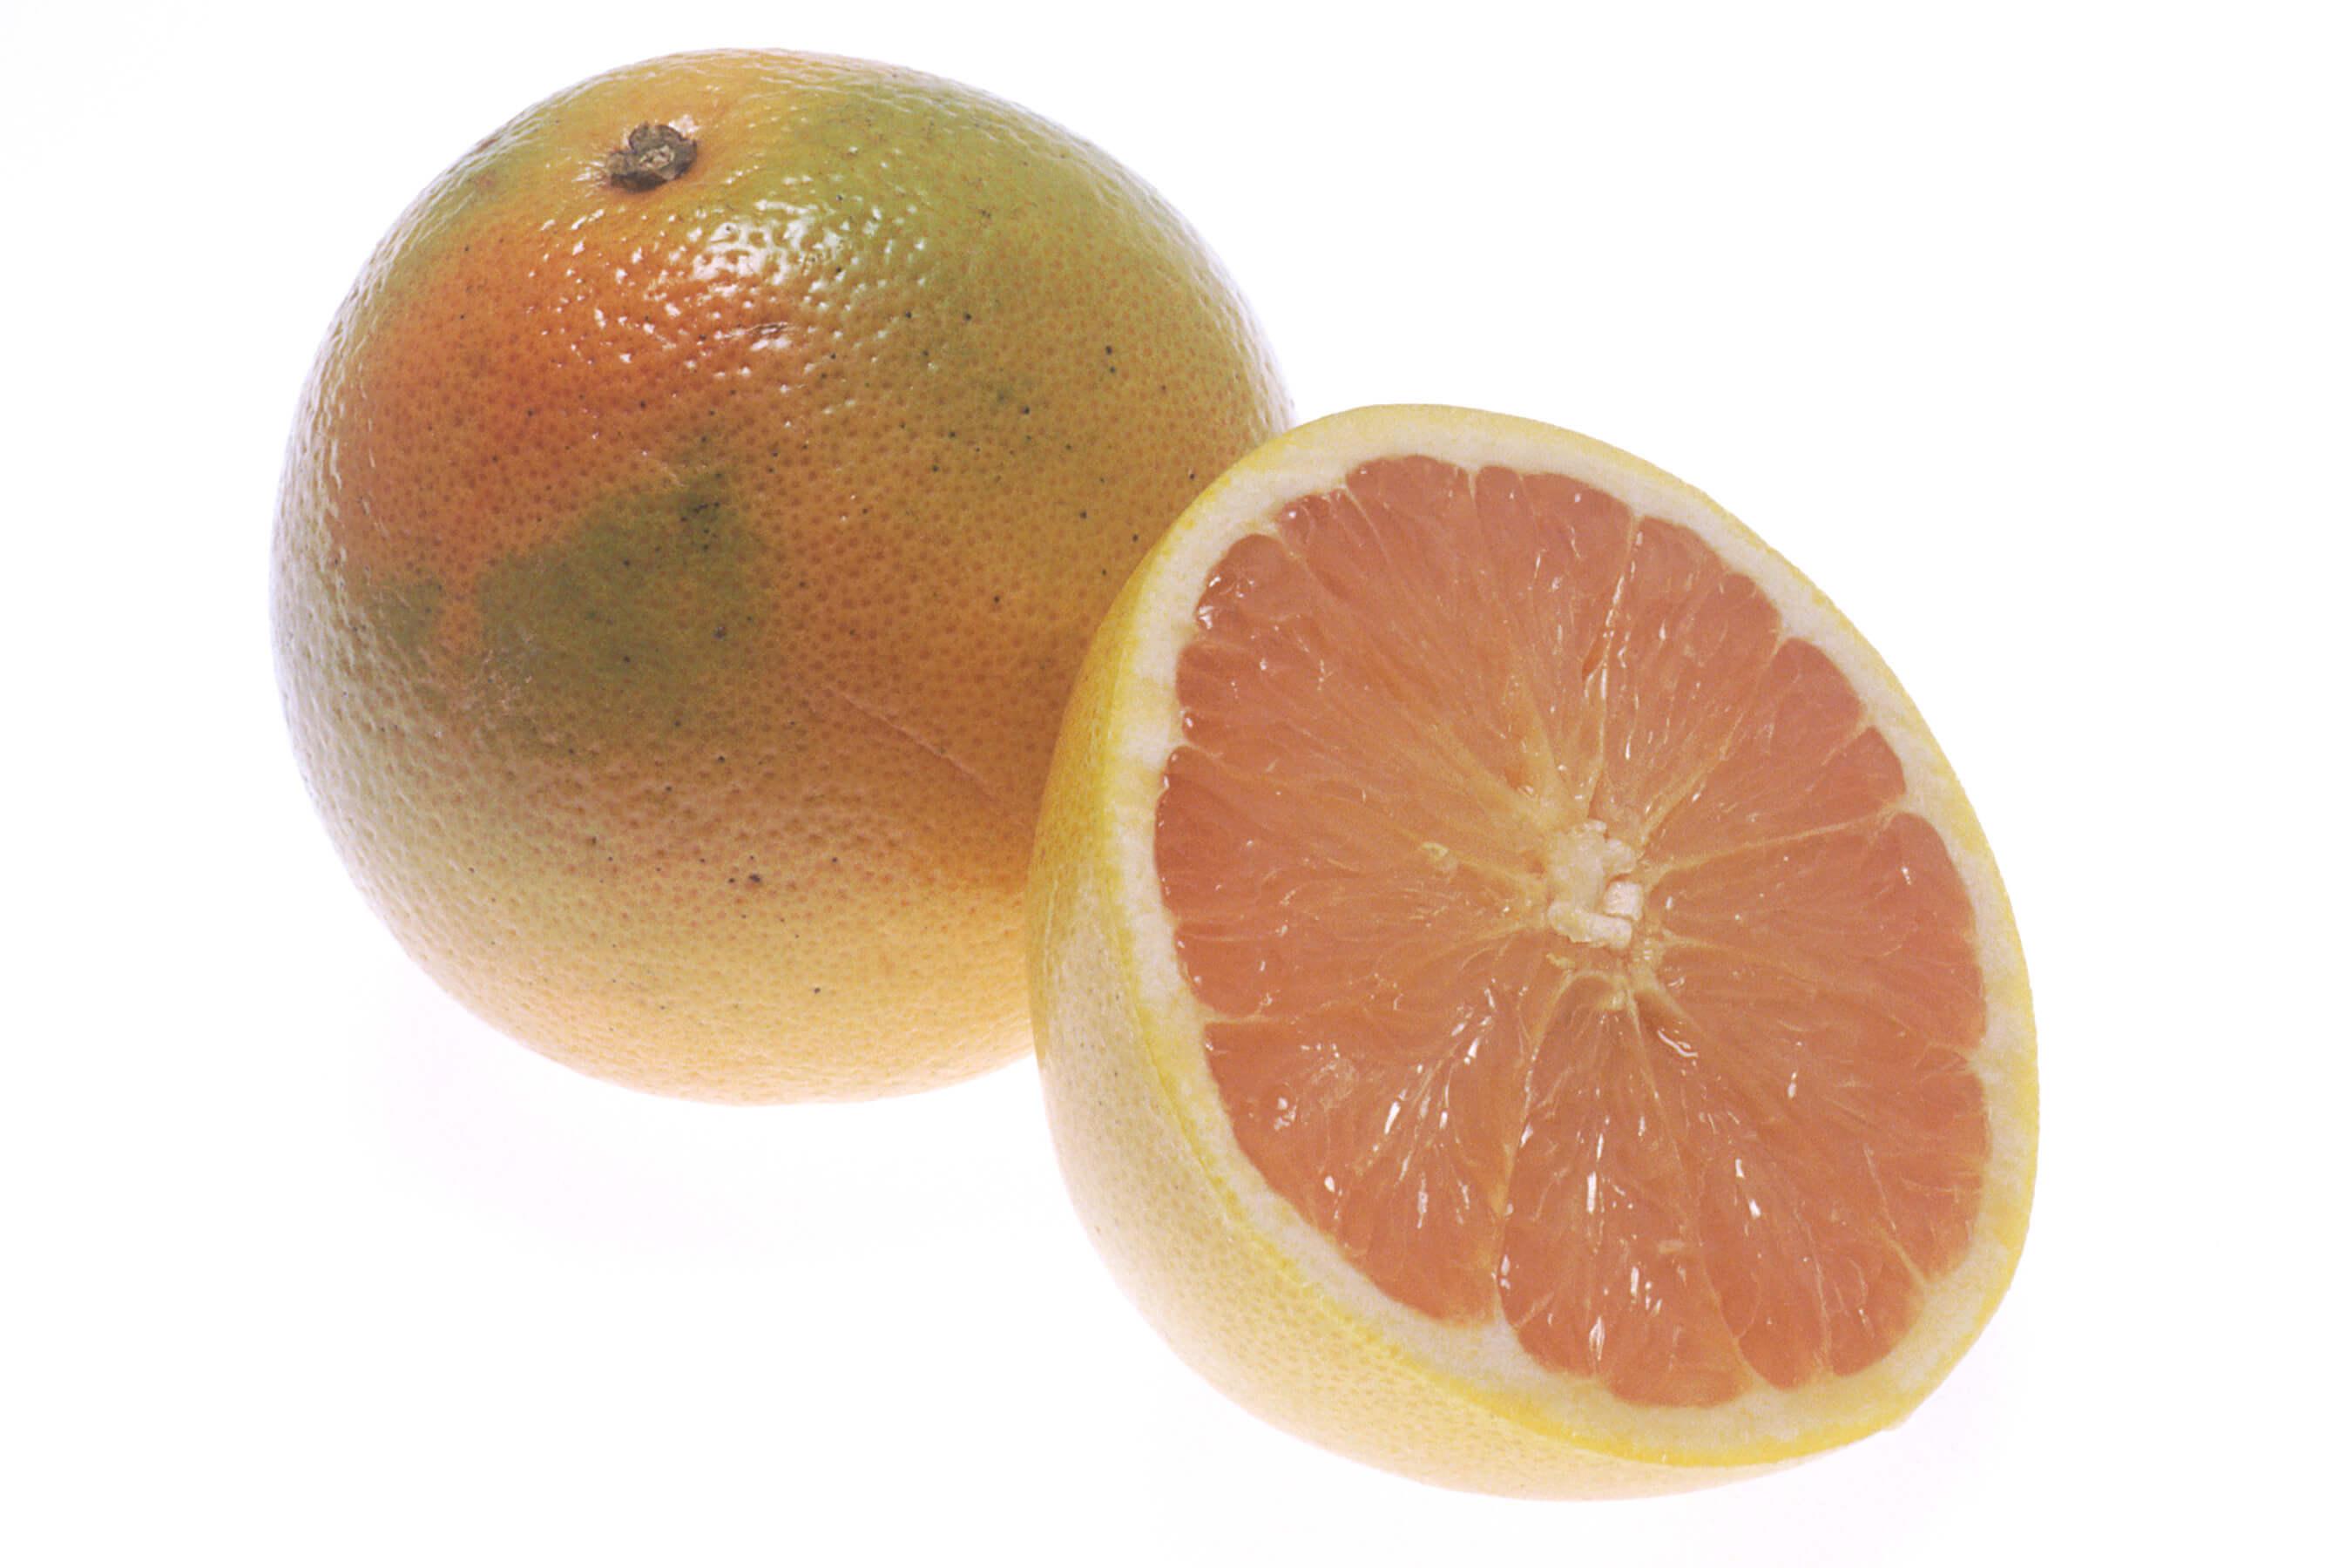 グレープフルーツ 精油 原料 イメージ図